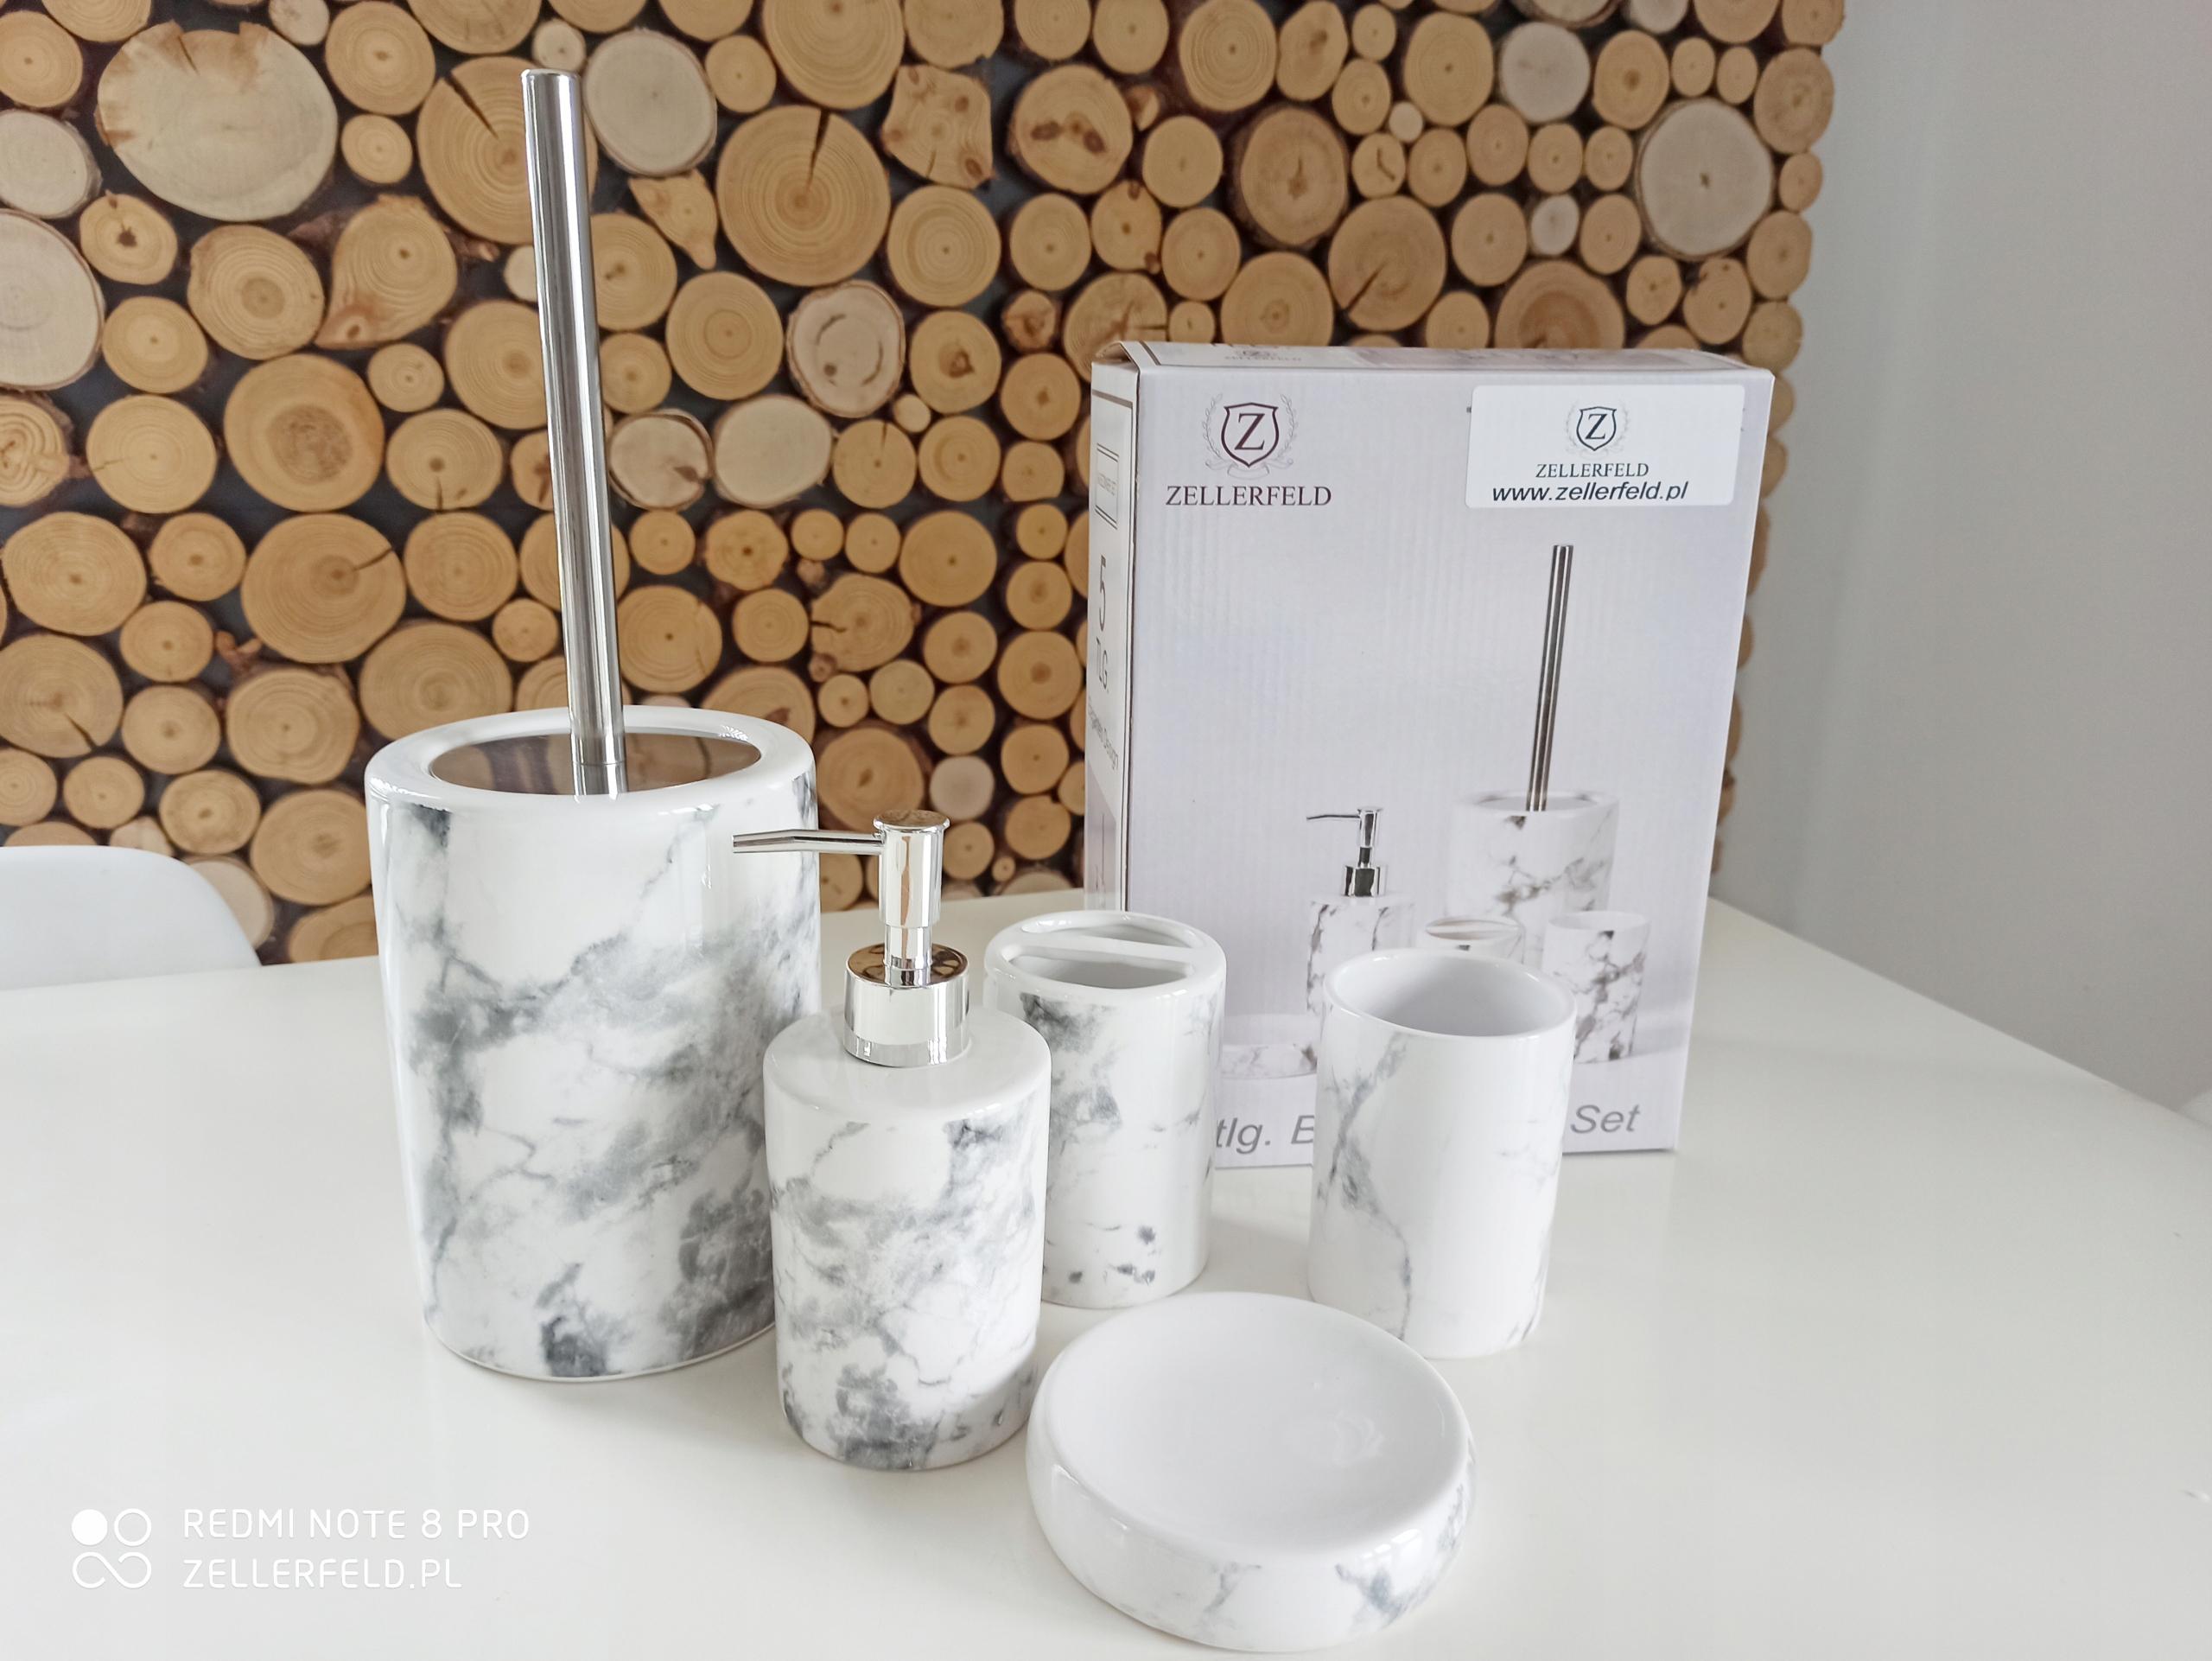 Kúpeľňové doplnky sivobiely mramor 5 Tlg